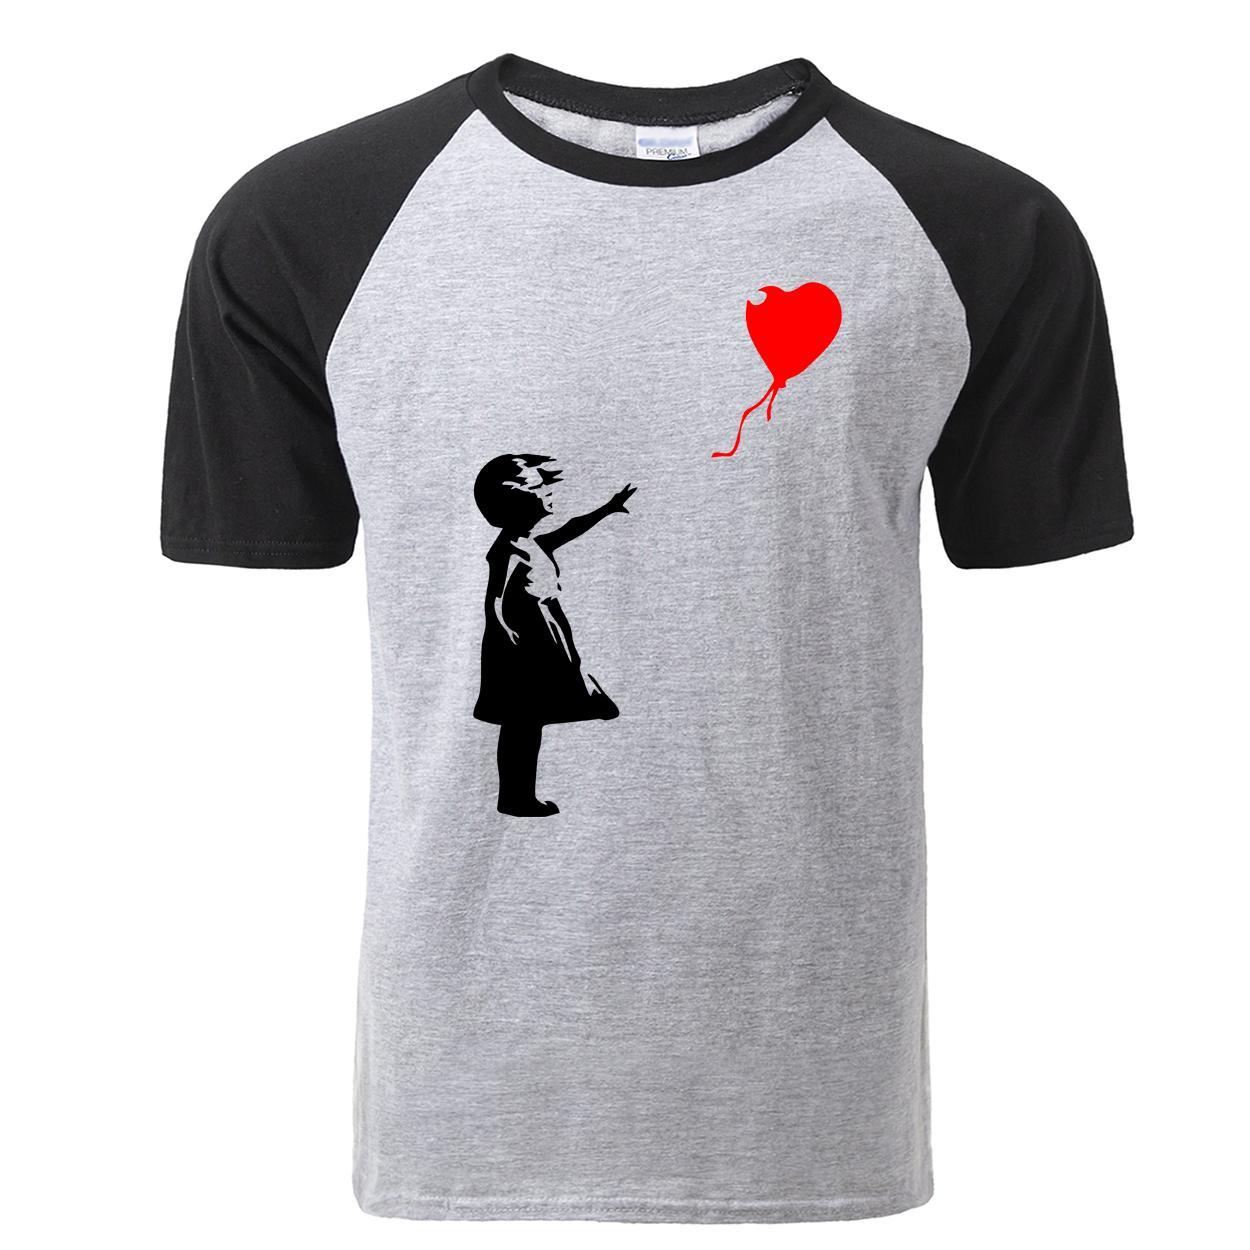 Moda Banksy Camisetas masculinas 2,020 luva engraçado Float Balão Girl T-shirt Casual Cotton Men Short Camiseta Macio Raglan Tops Tees